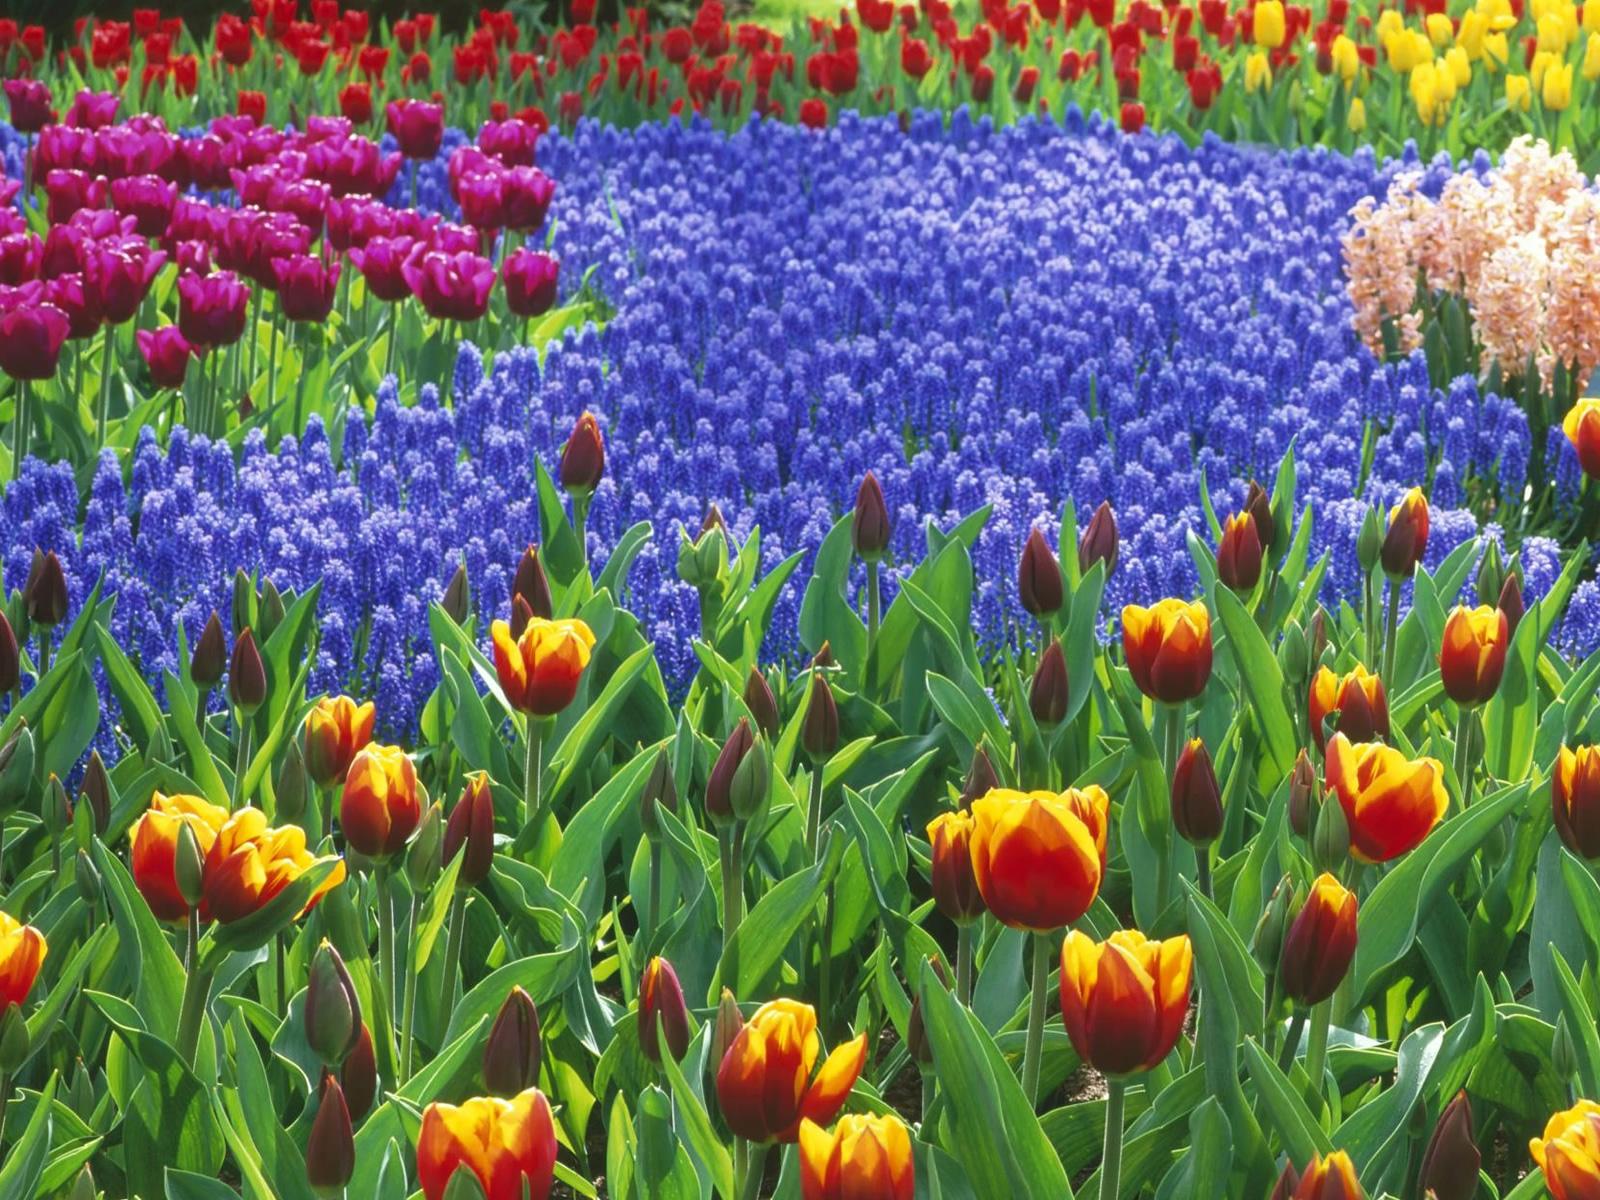 http://4.bp.blogspot.com/_RAlP3BmEW1Q/TQNb7NboLNI/AAAAAAAABCU/hBJxXALRNRA/s1600/Bloemen-achtergronden-bloemen-wallpapers-37.jpg